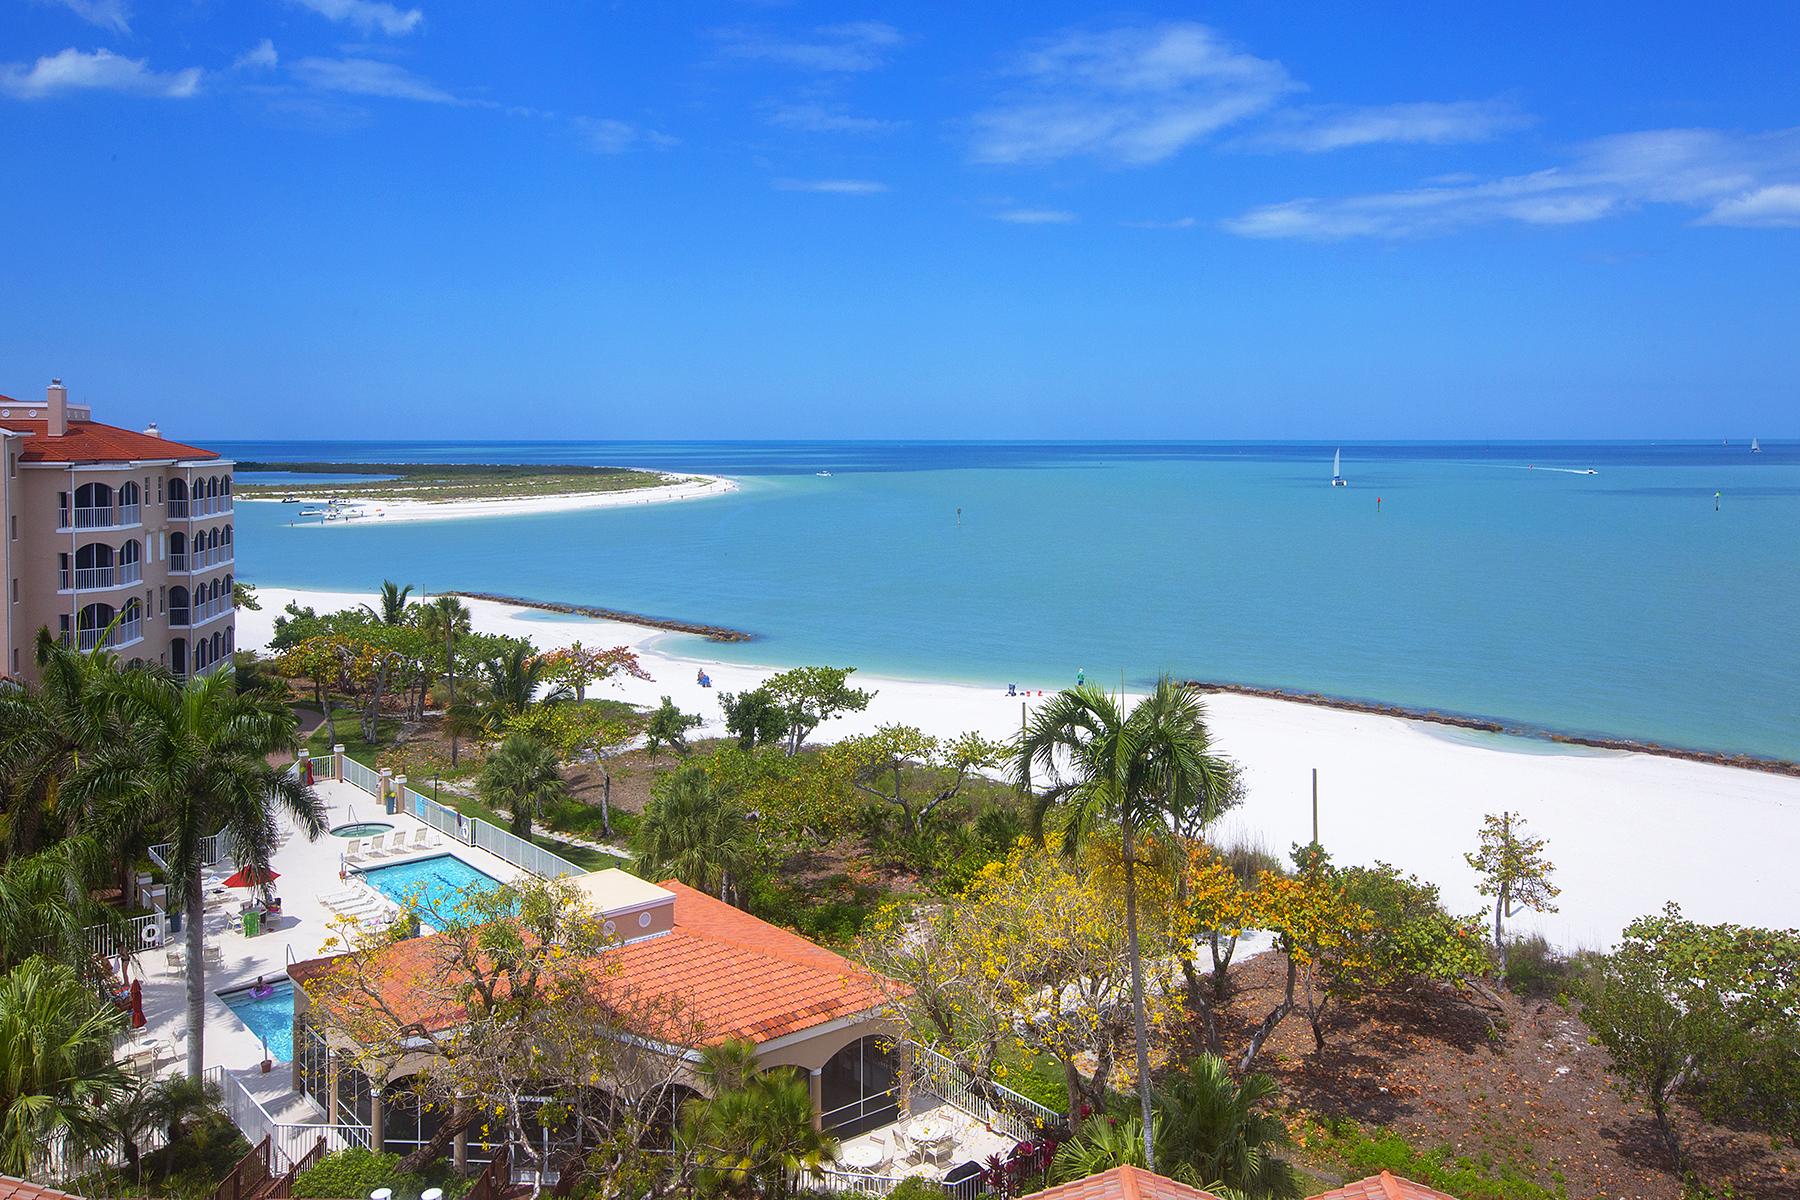 共管物業 為 出售 在 HIDEAWAY BEACH 3000 Royal Marco Way 614 Marco Island, 佛羅里達州, 34145 美國